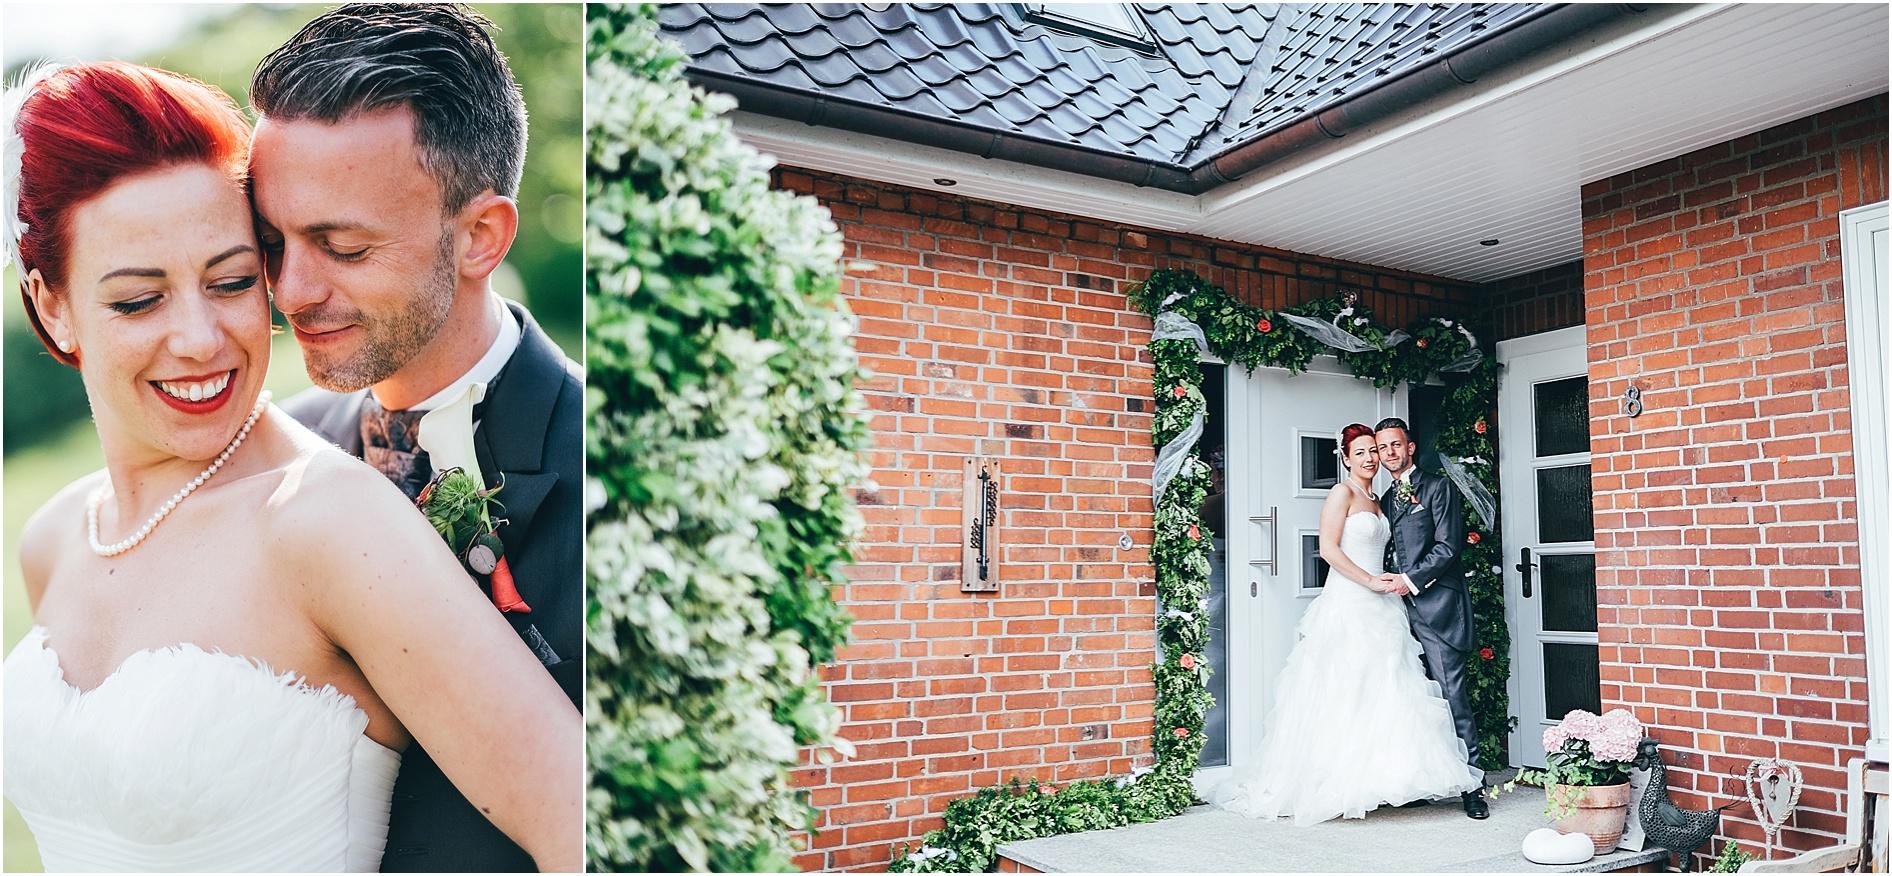 2015-10-27_0086 Tine & Chrischan - Hochzeitsfilm & Fotos in Lüneburg